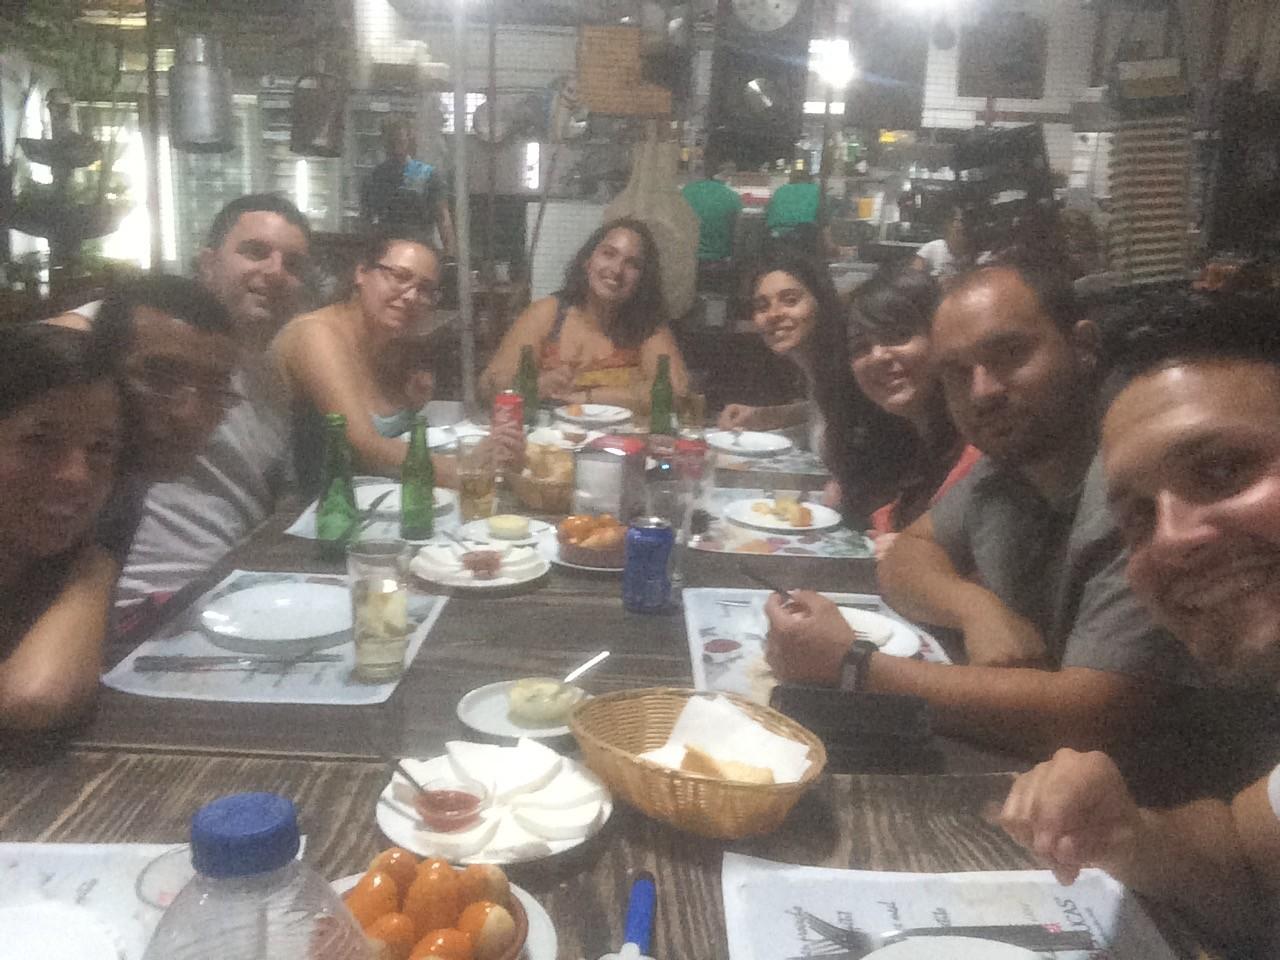 restaurante-vaqueria-las-salinas-7e4f53f